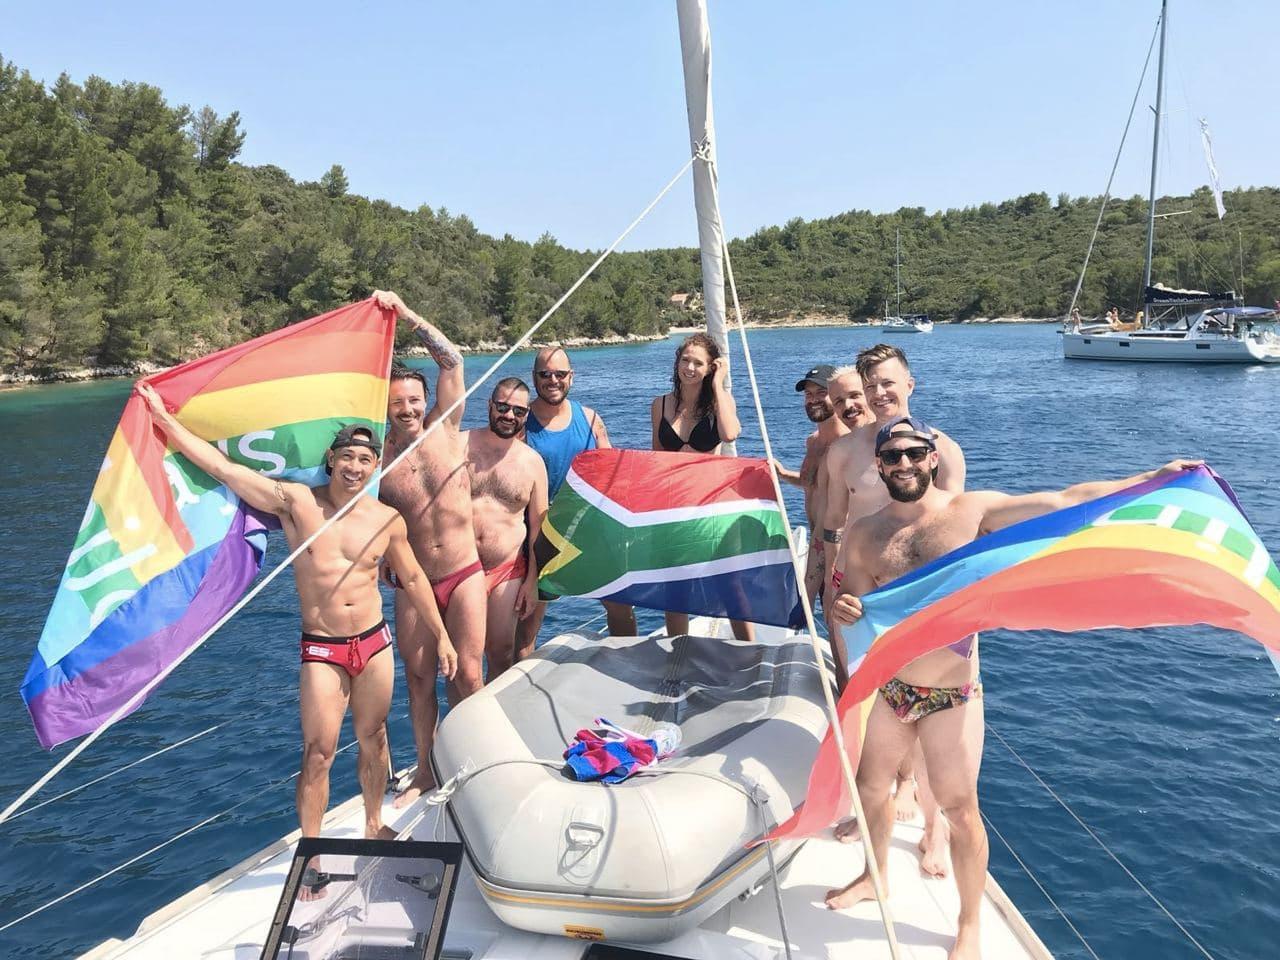 Экипаж яхты под ЛГБТ-флагом спас гомофобов, оскорблявших их